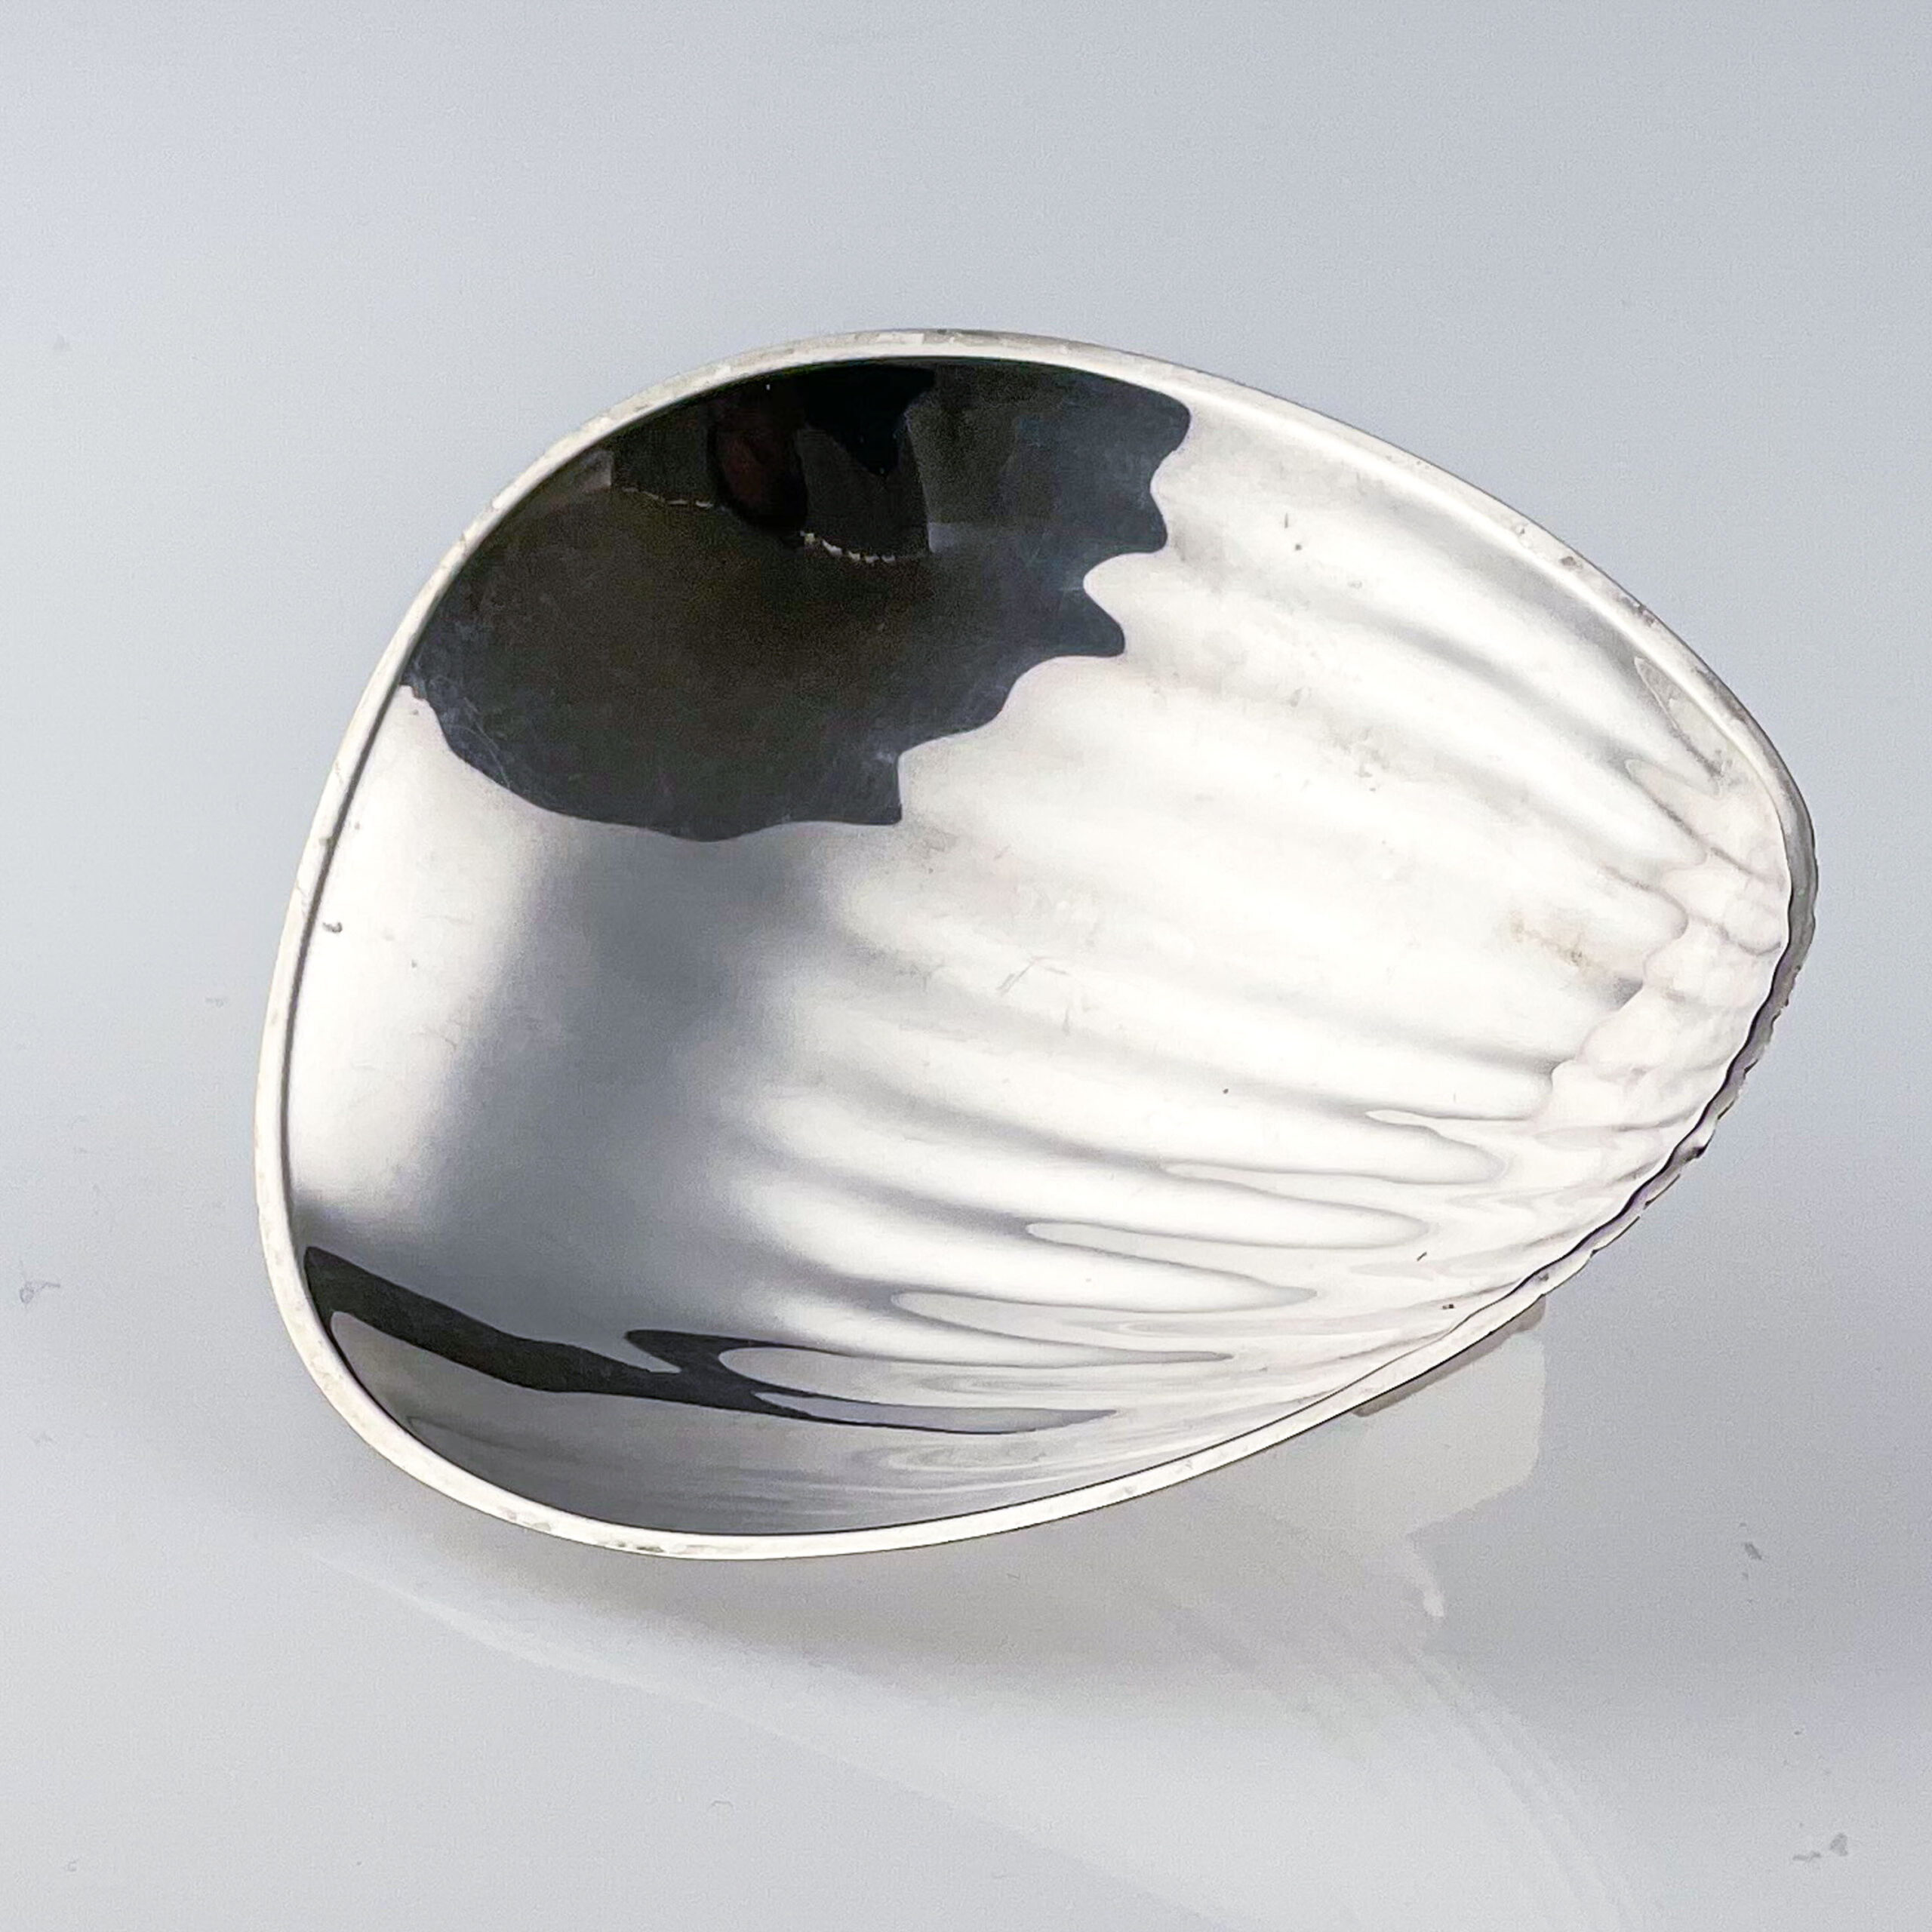 TW twee zilveren schaaltjes web-1317